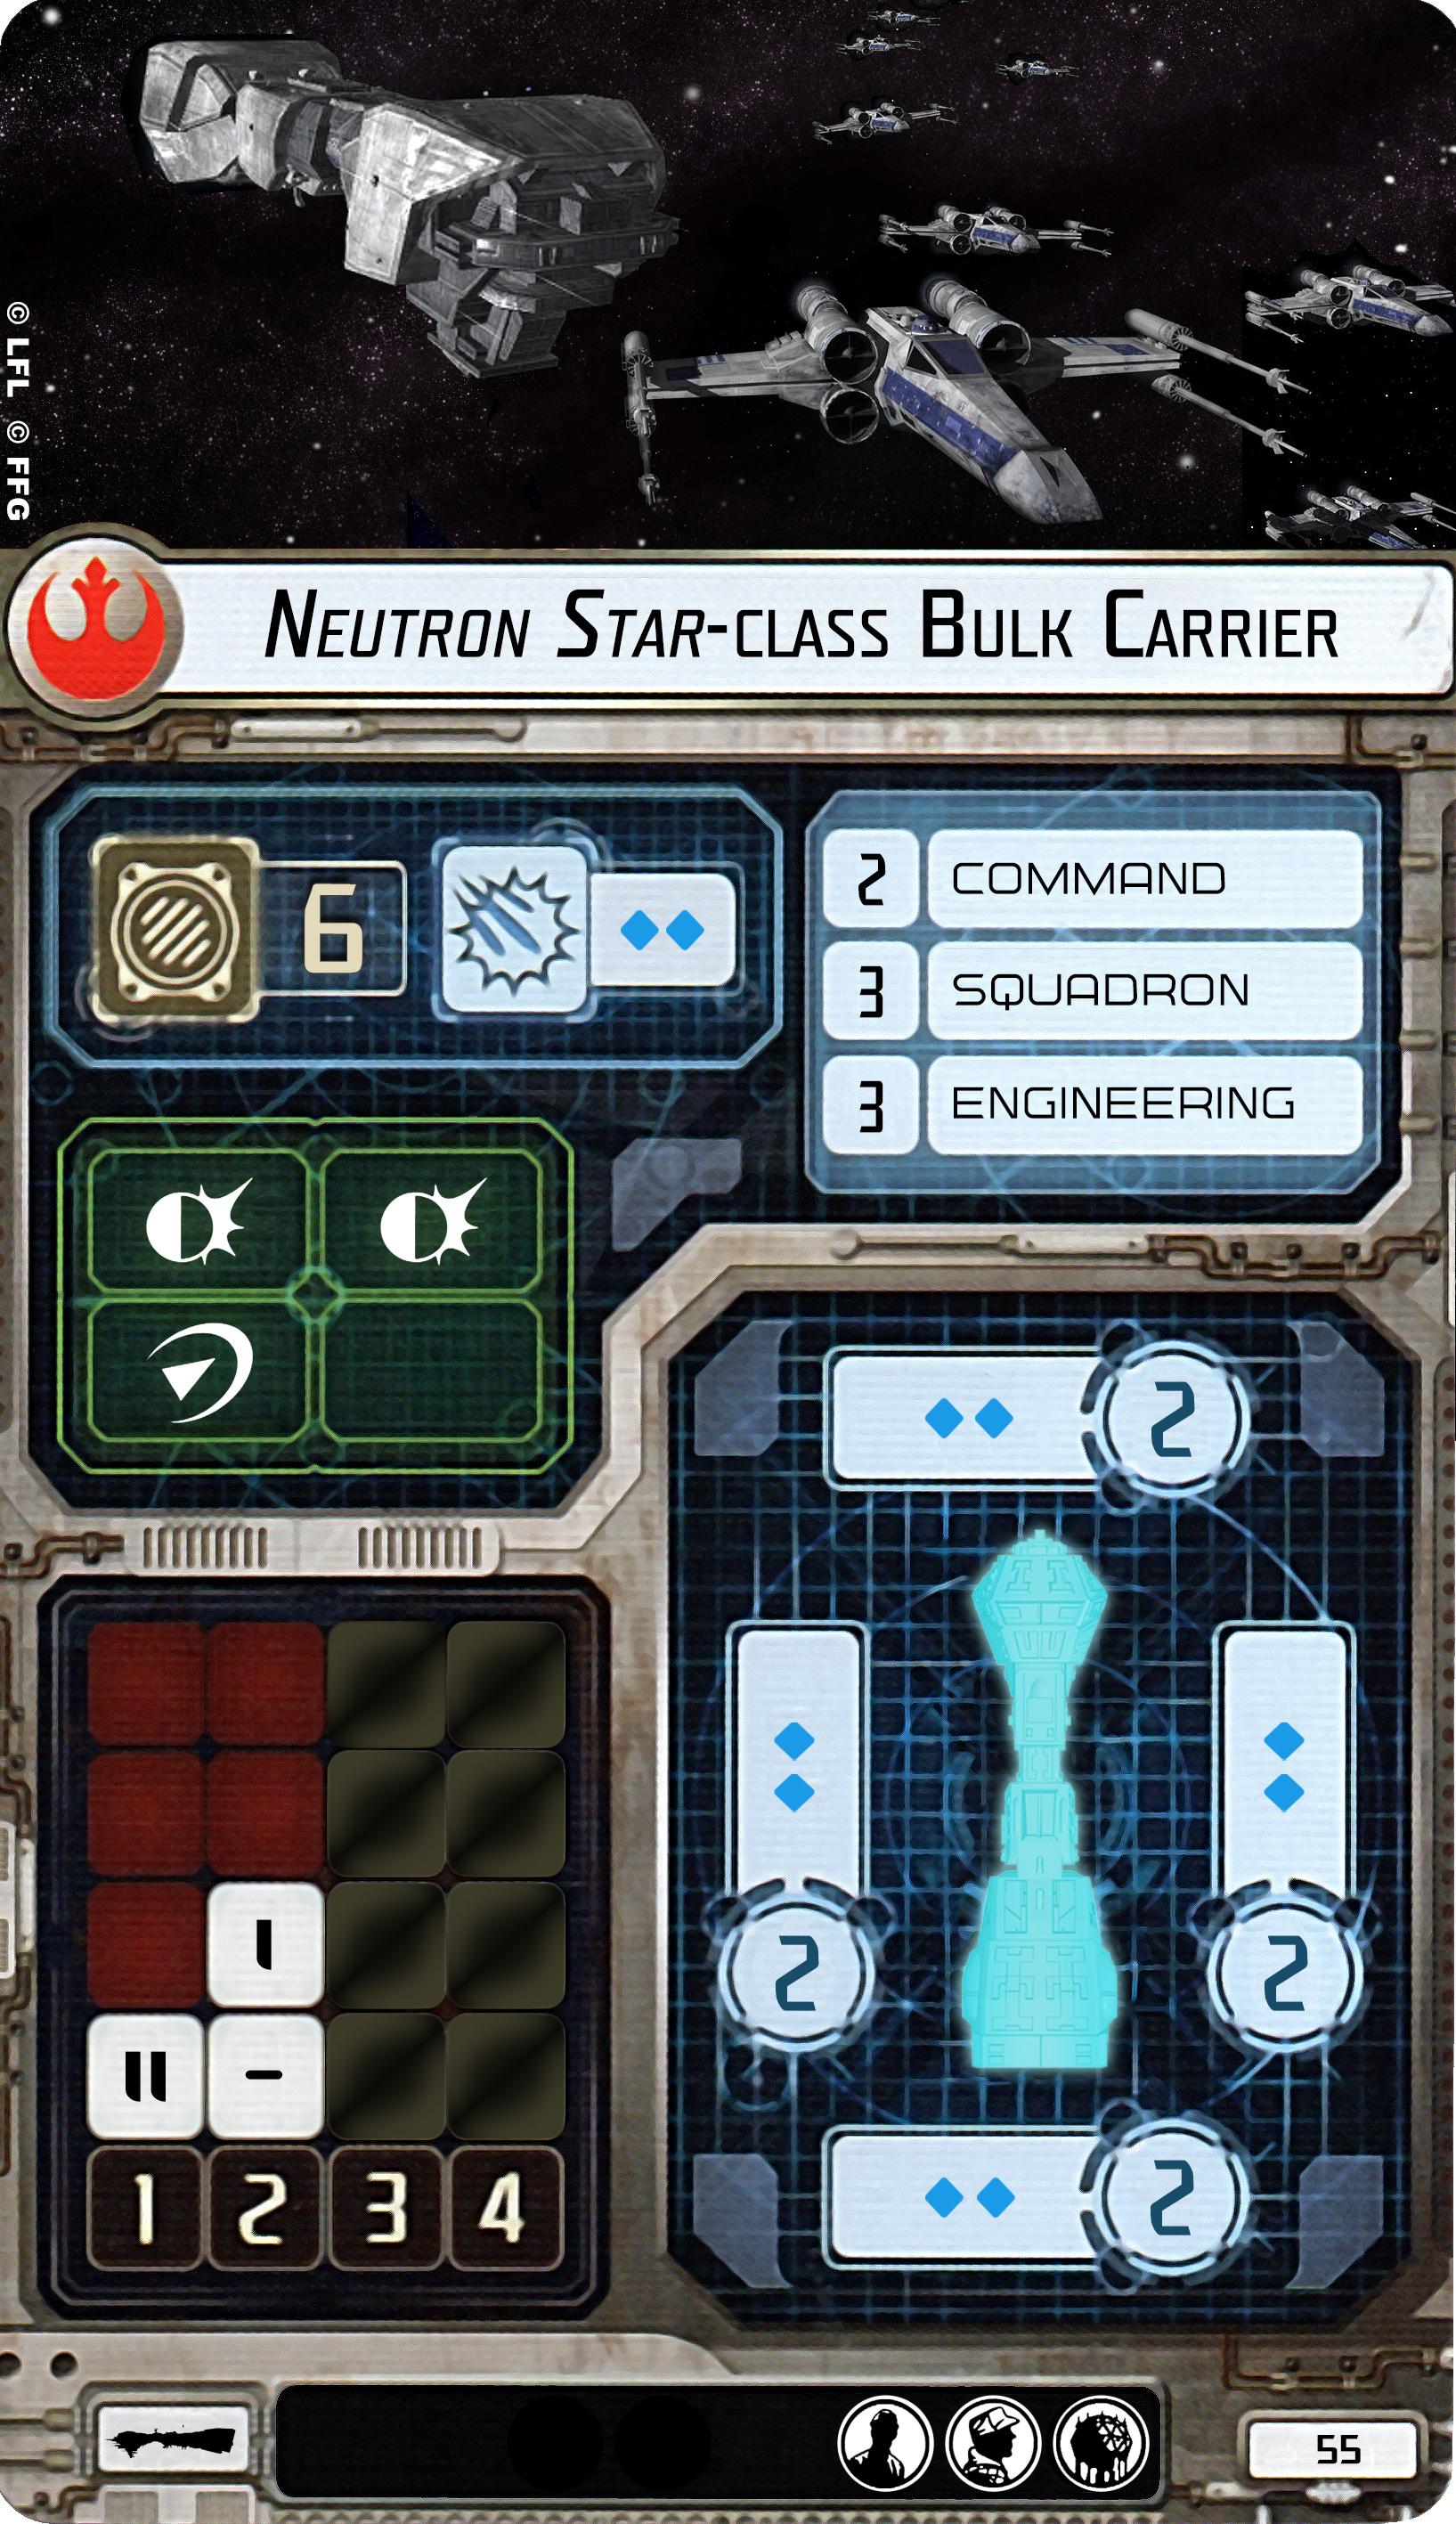 Neutron Star Class Bulk Cruiser Armada Shipyards